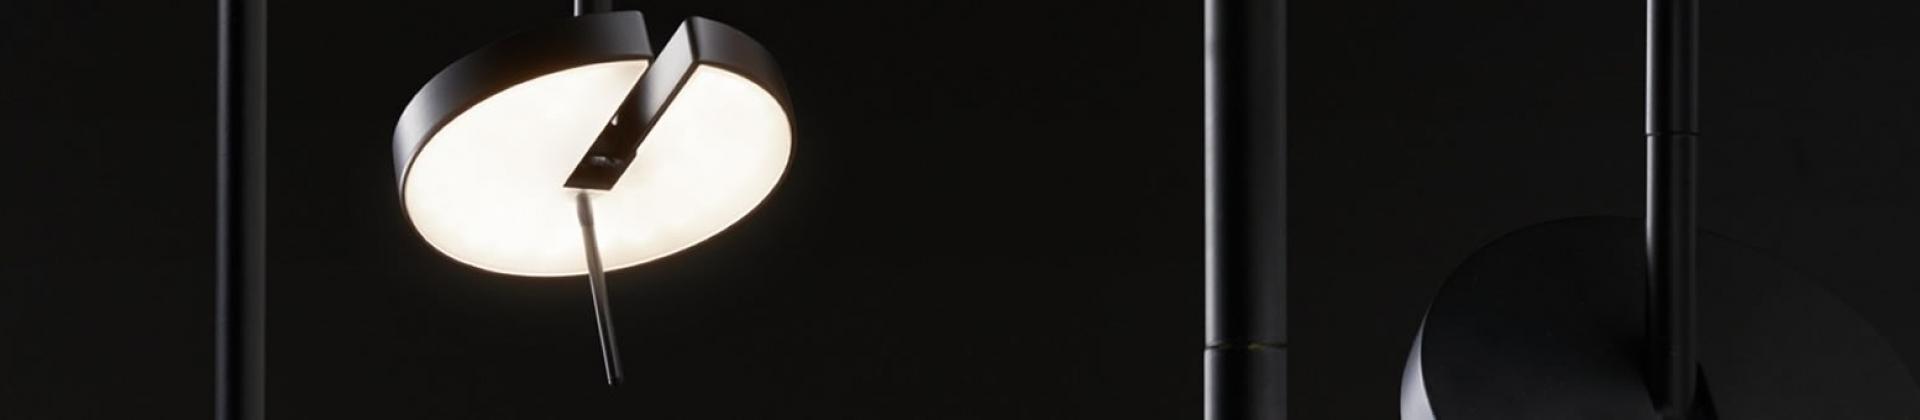 1,5 GOSSEN - Lámparas de diseño